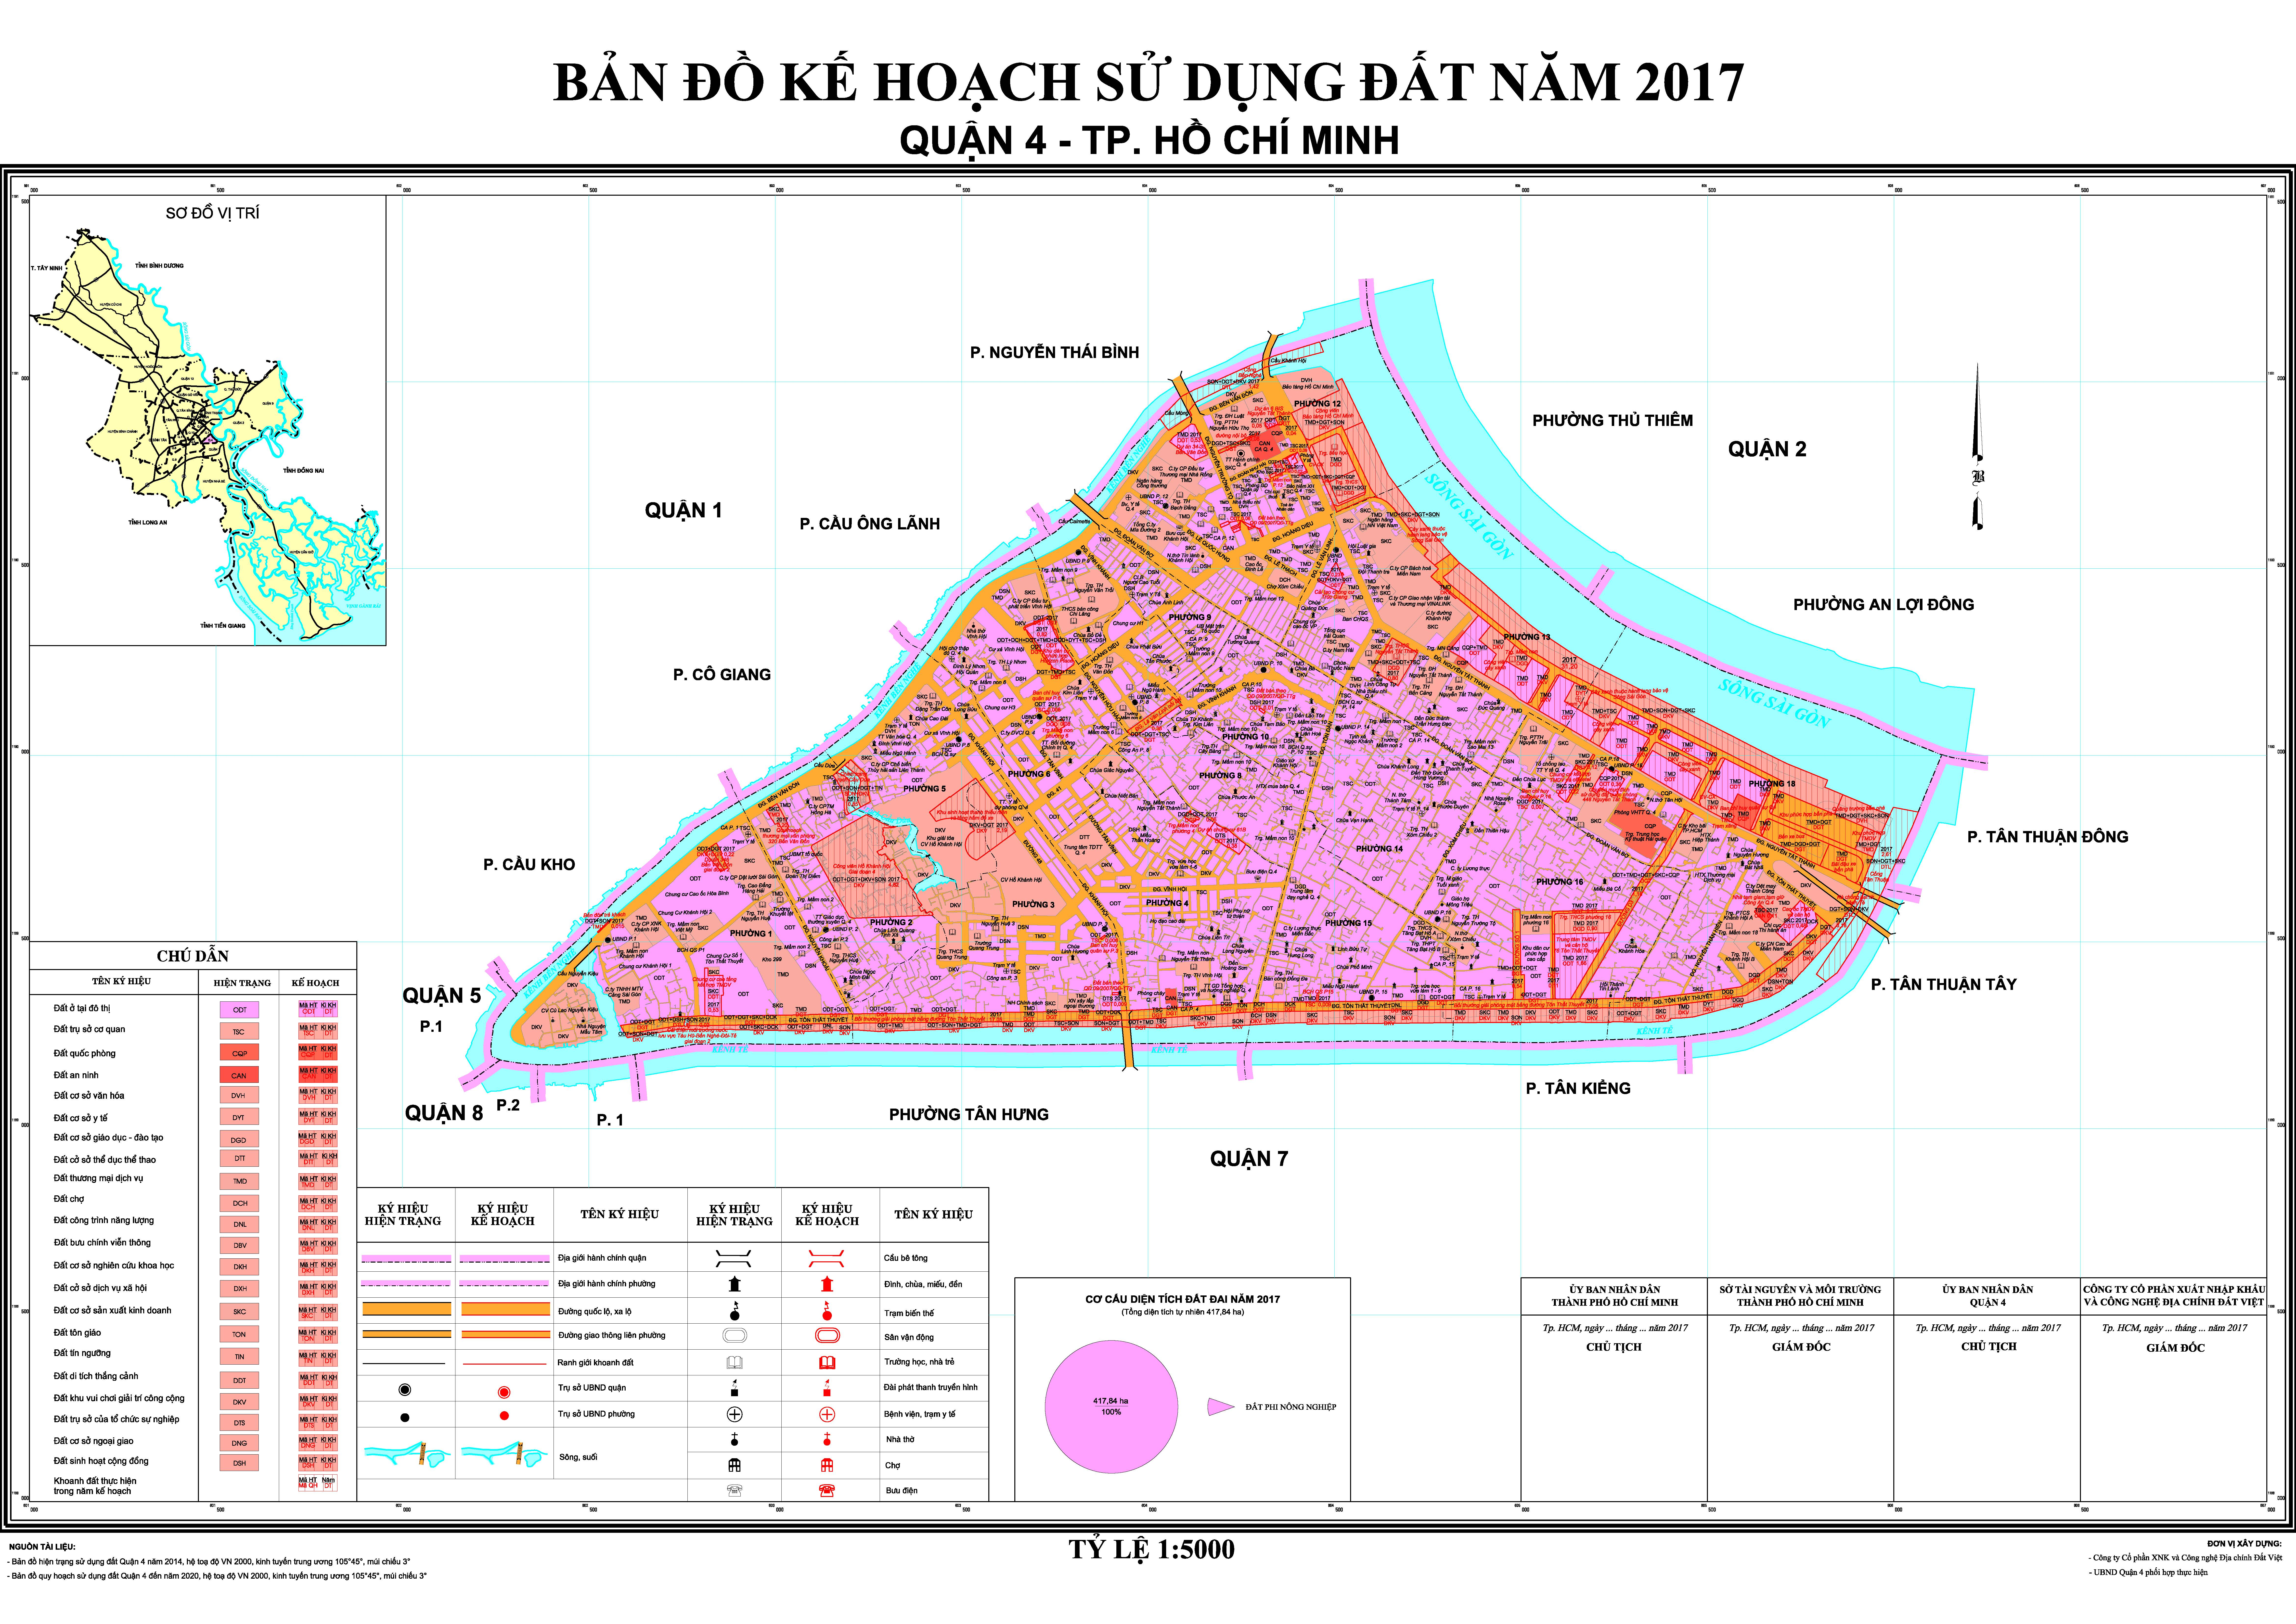 bản đồ quy hoạch sử dụng đất quận 4